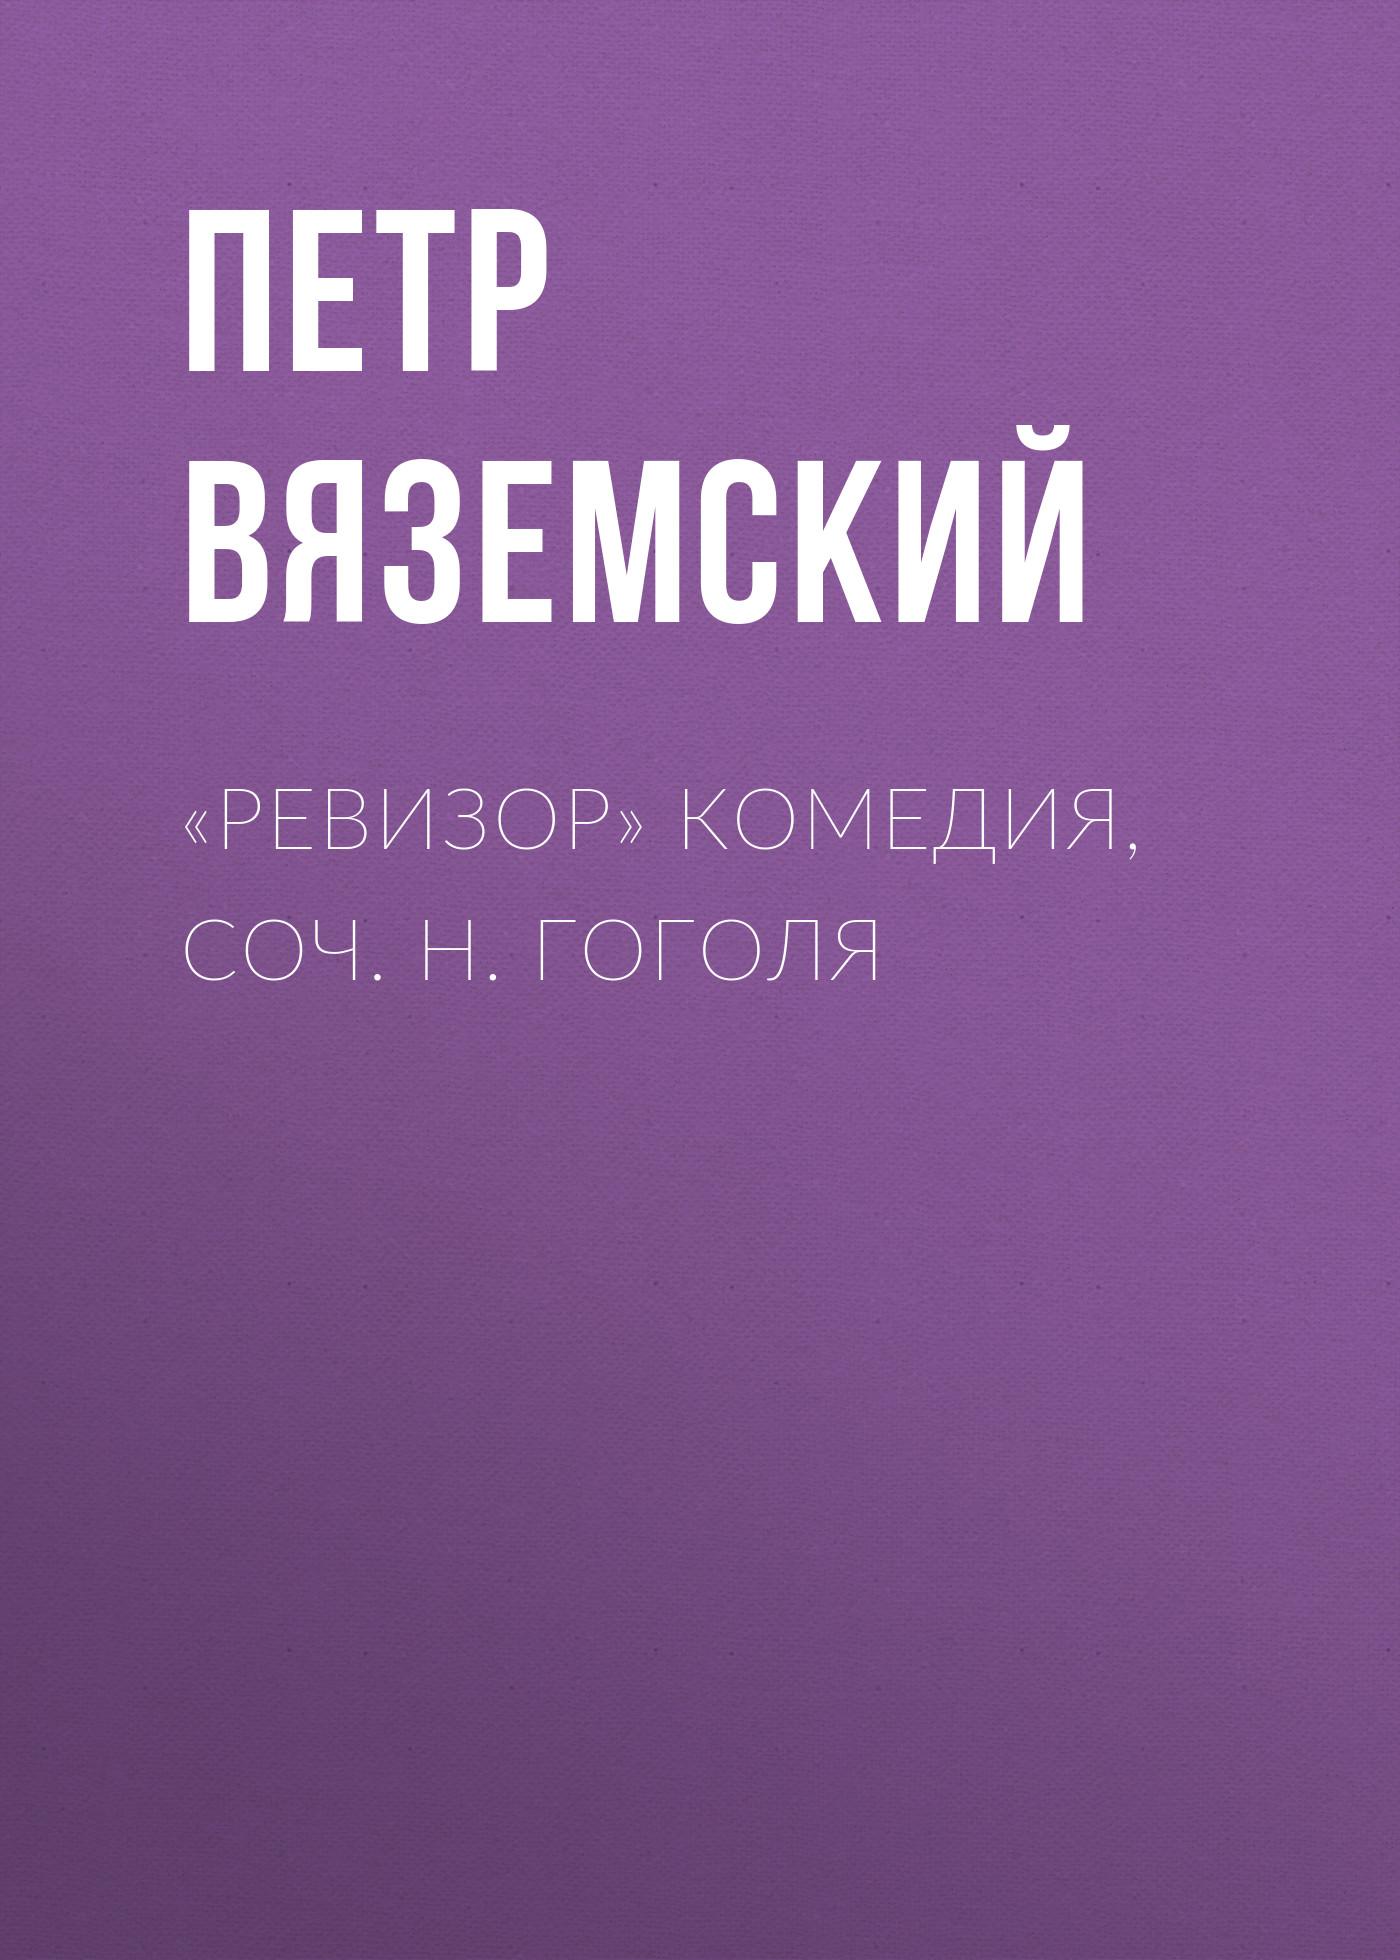 «Ревизор» комедия, соч. Н.Гоголя